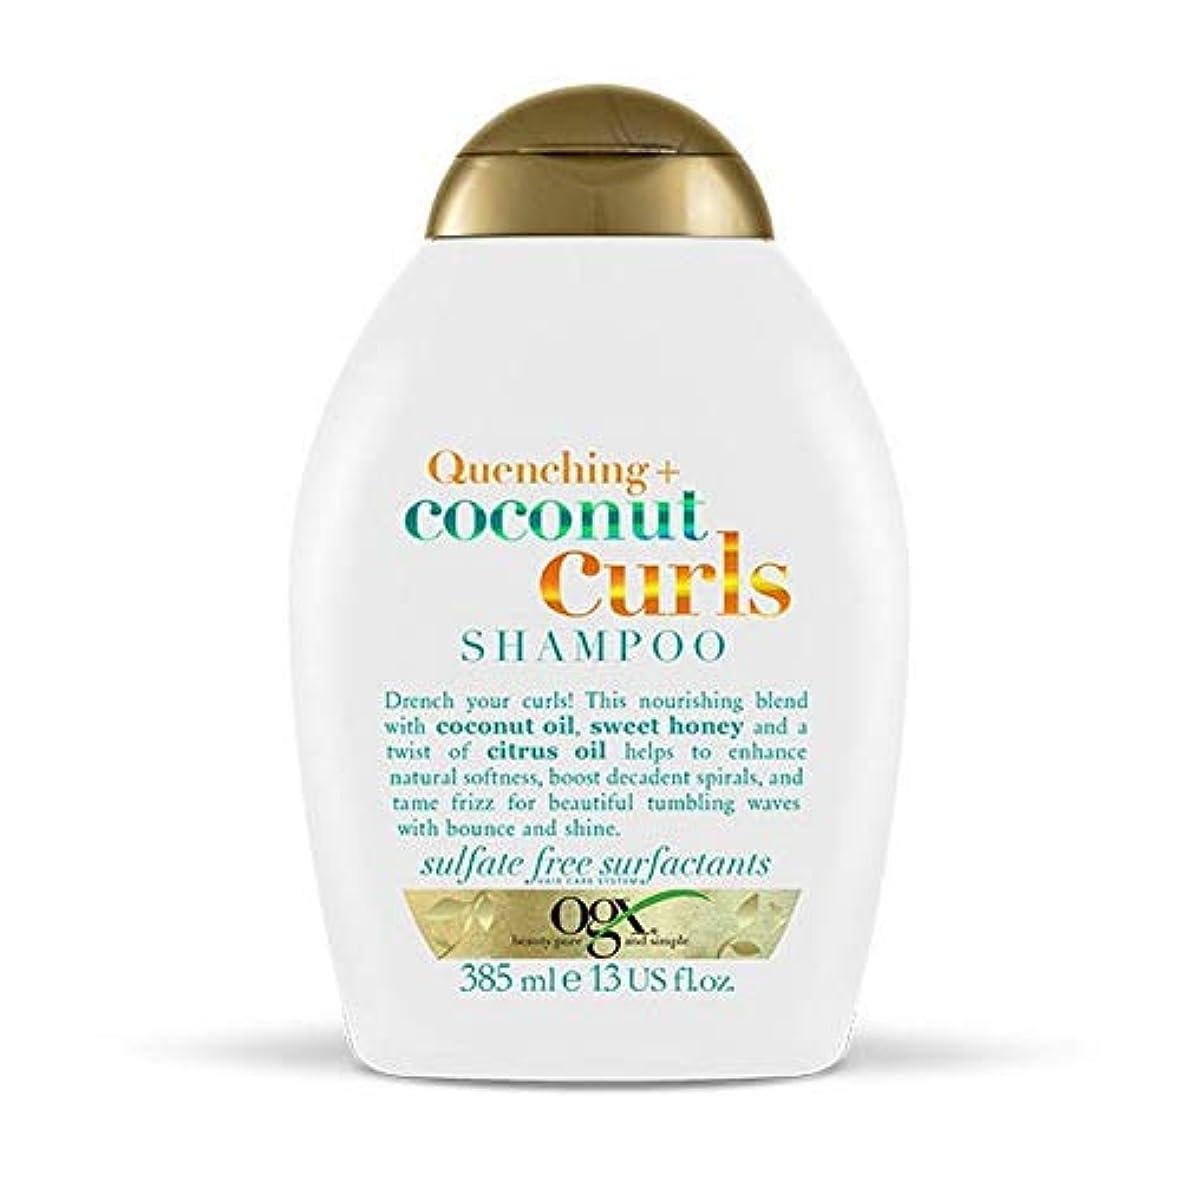 落ち着いたプット見出し[Ogx] Ogx消光ココナッツカールシャンプー385ミリリットル - OGX Quenching Coconut Curls Shampoo 385ml [並行輸入品]